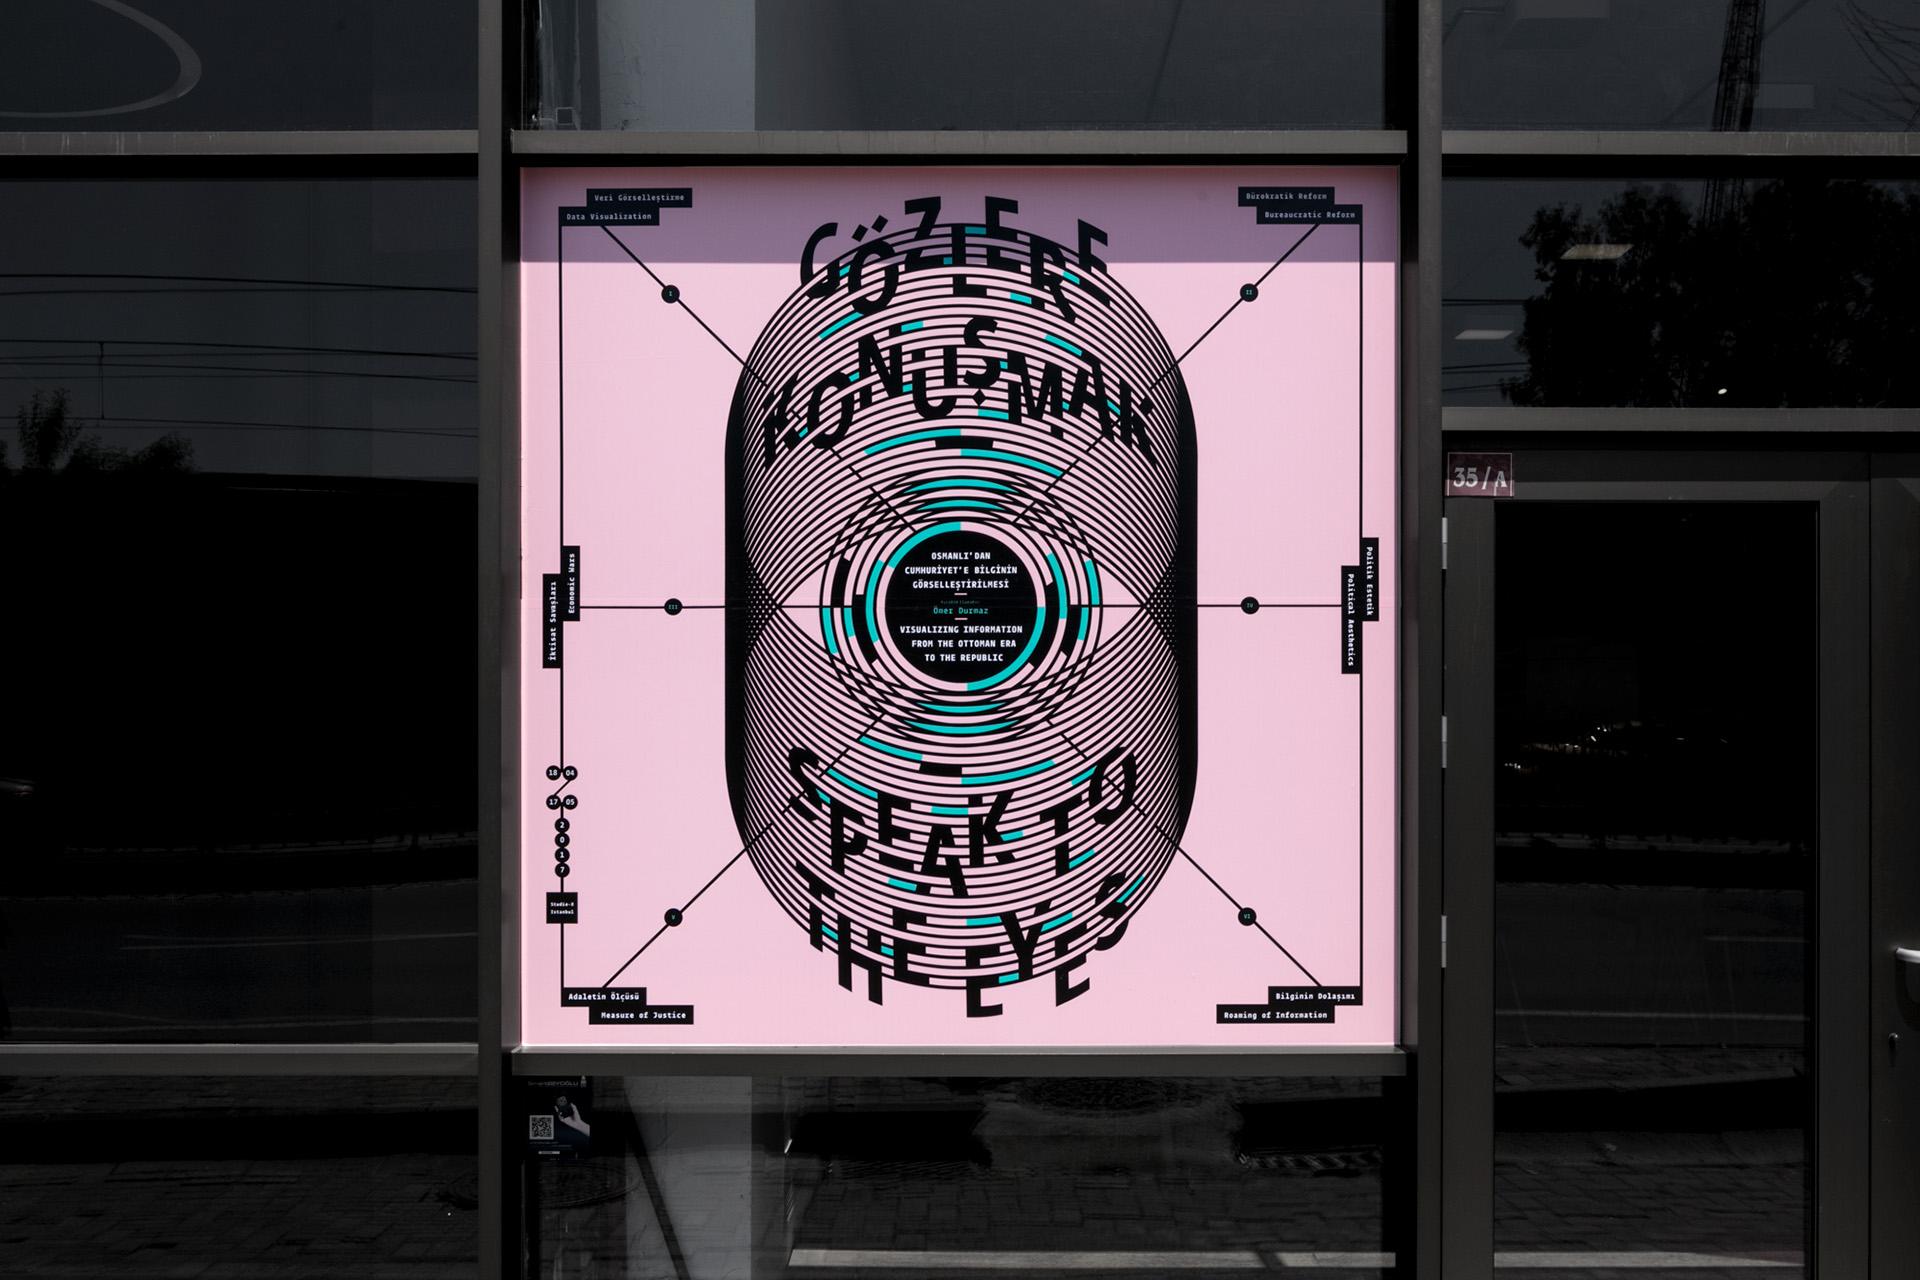 Gözlere Konuşmak / Speak to the Eyes